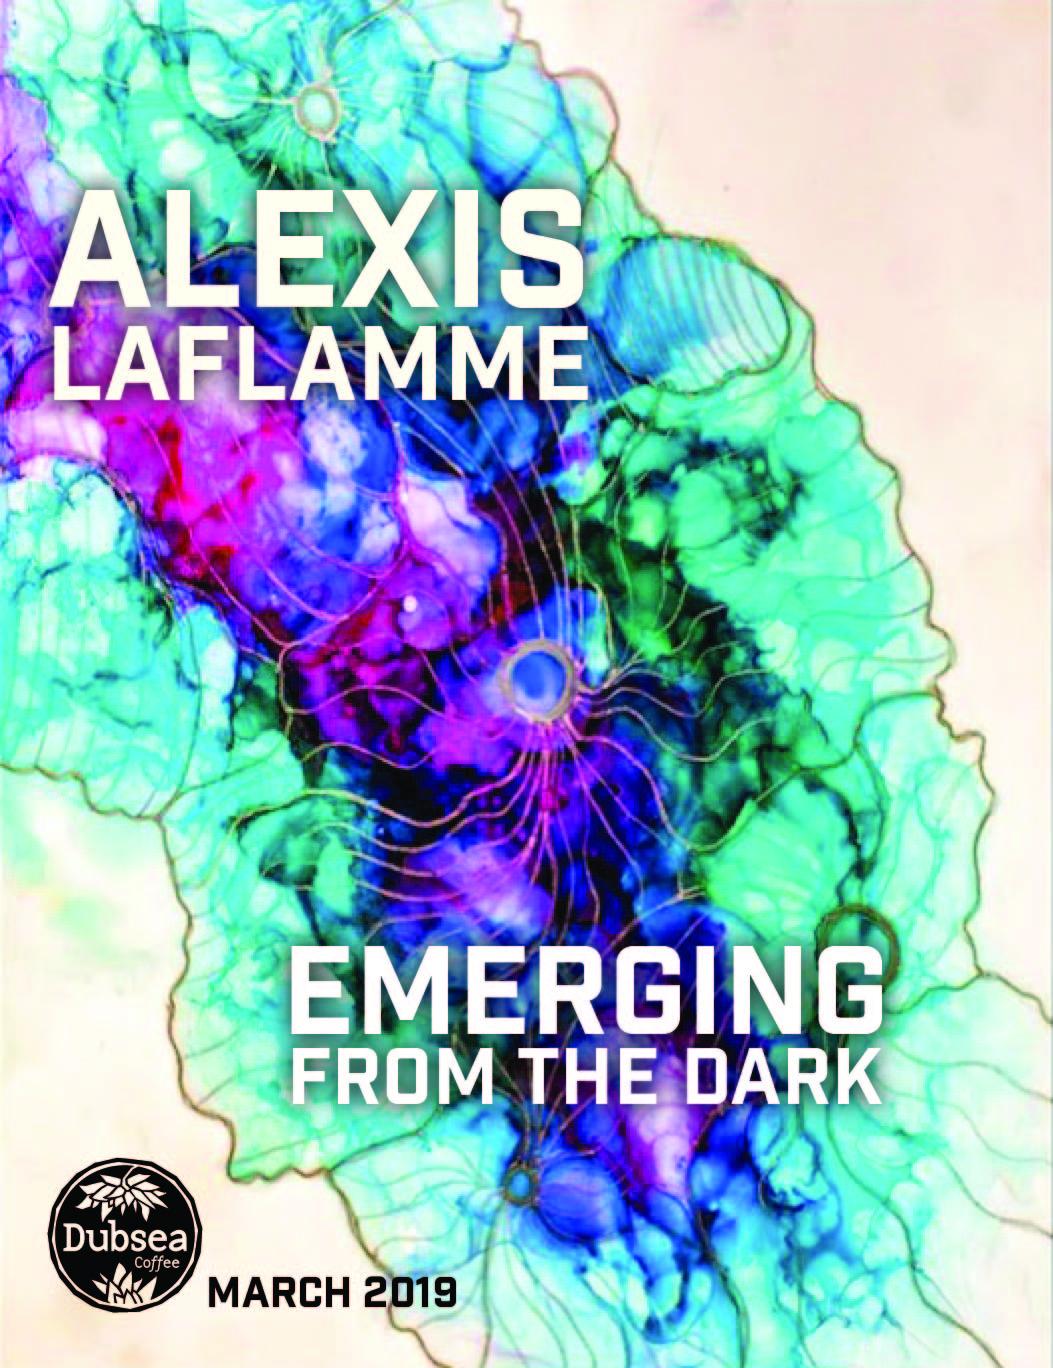 AlexisLaflammePoster.jpg